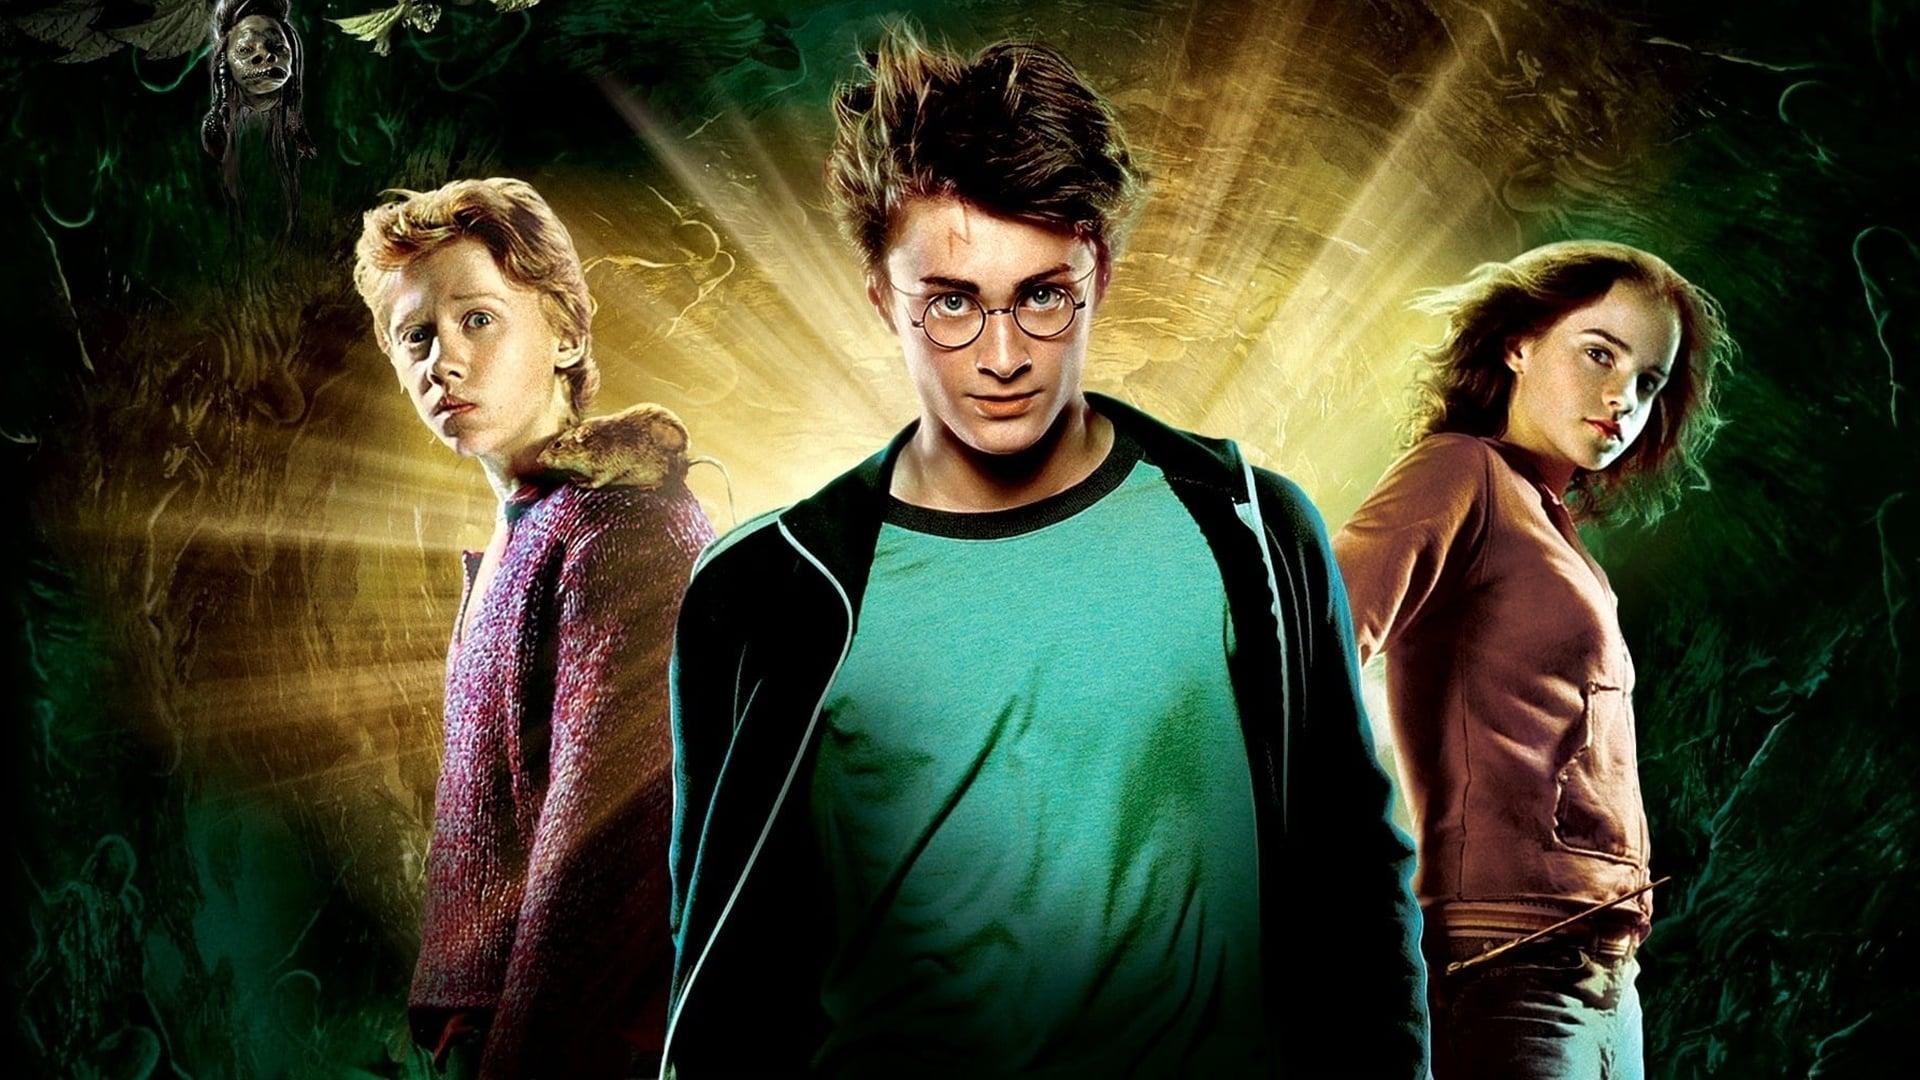 Harry Potter e il prigioniero di Azkaban (2004) - CB01 ...